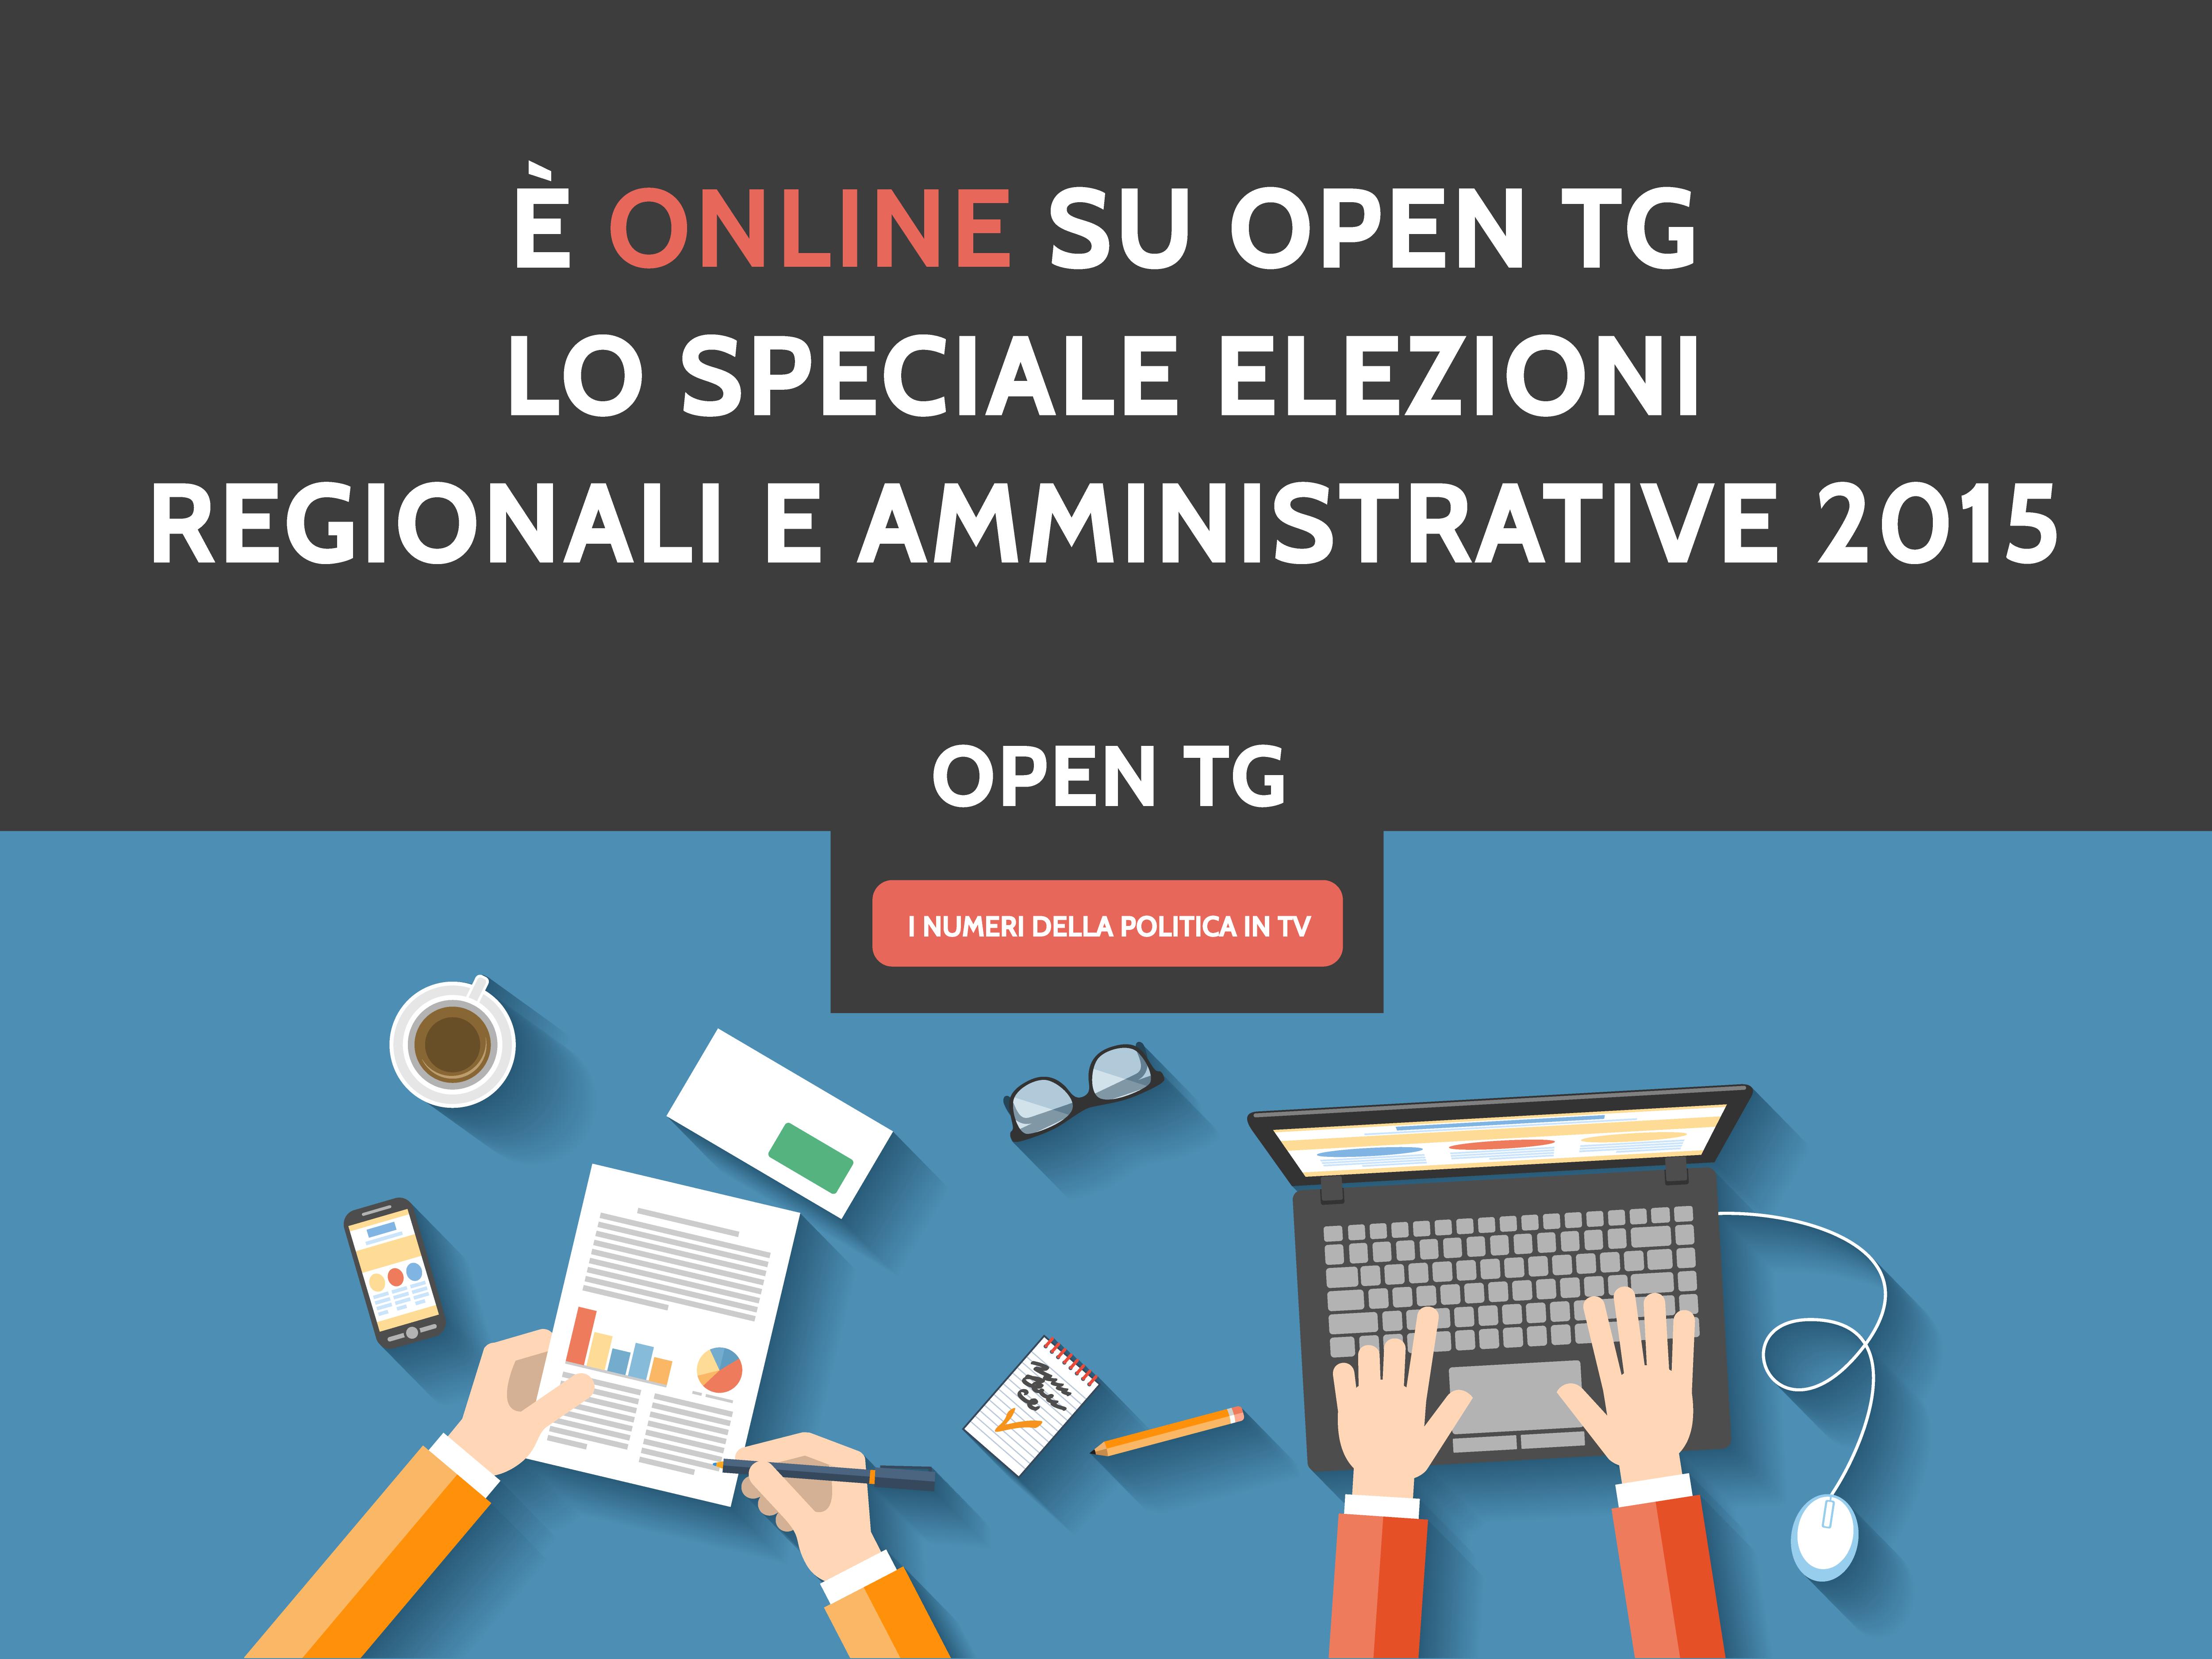 open_tg_speciale-elezioni